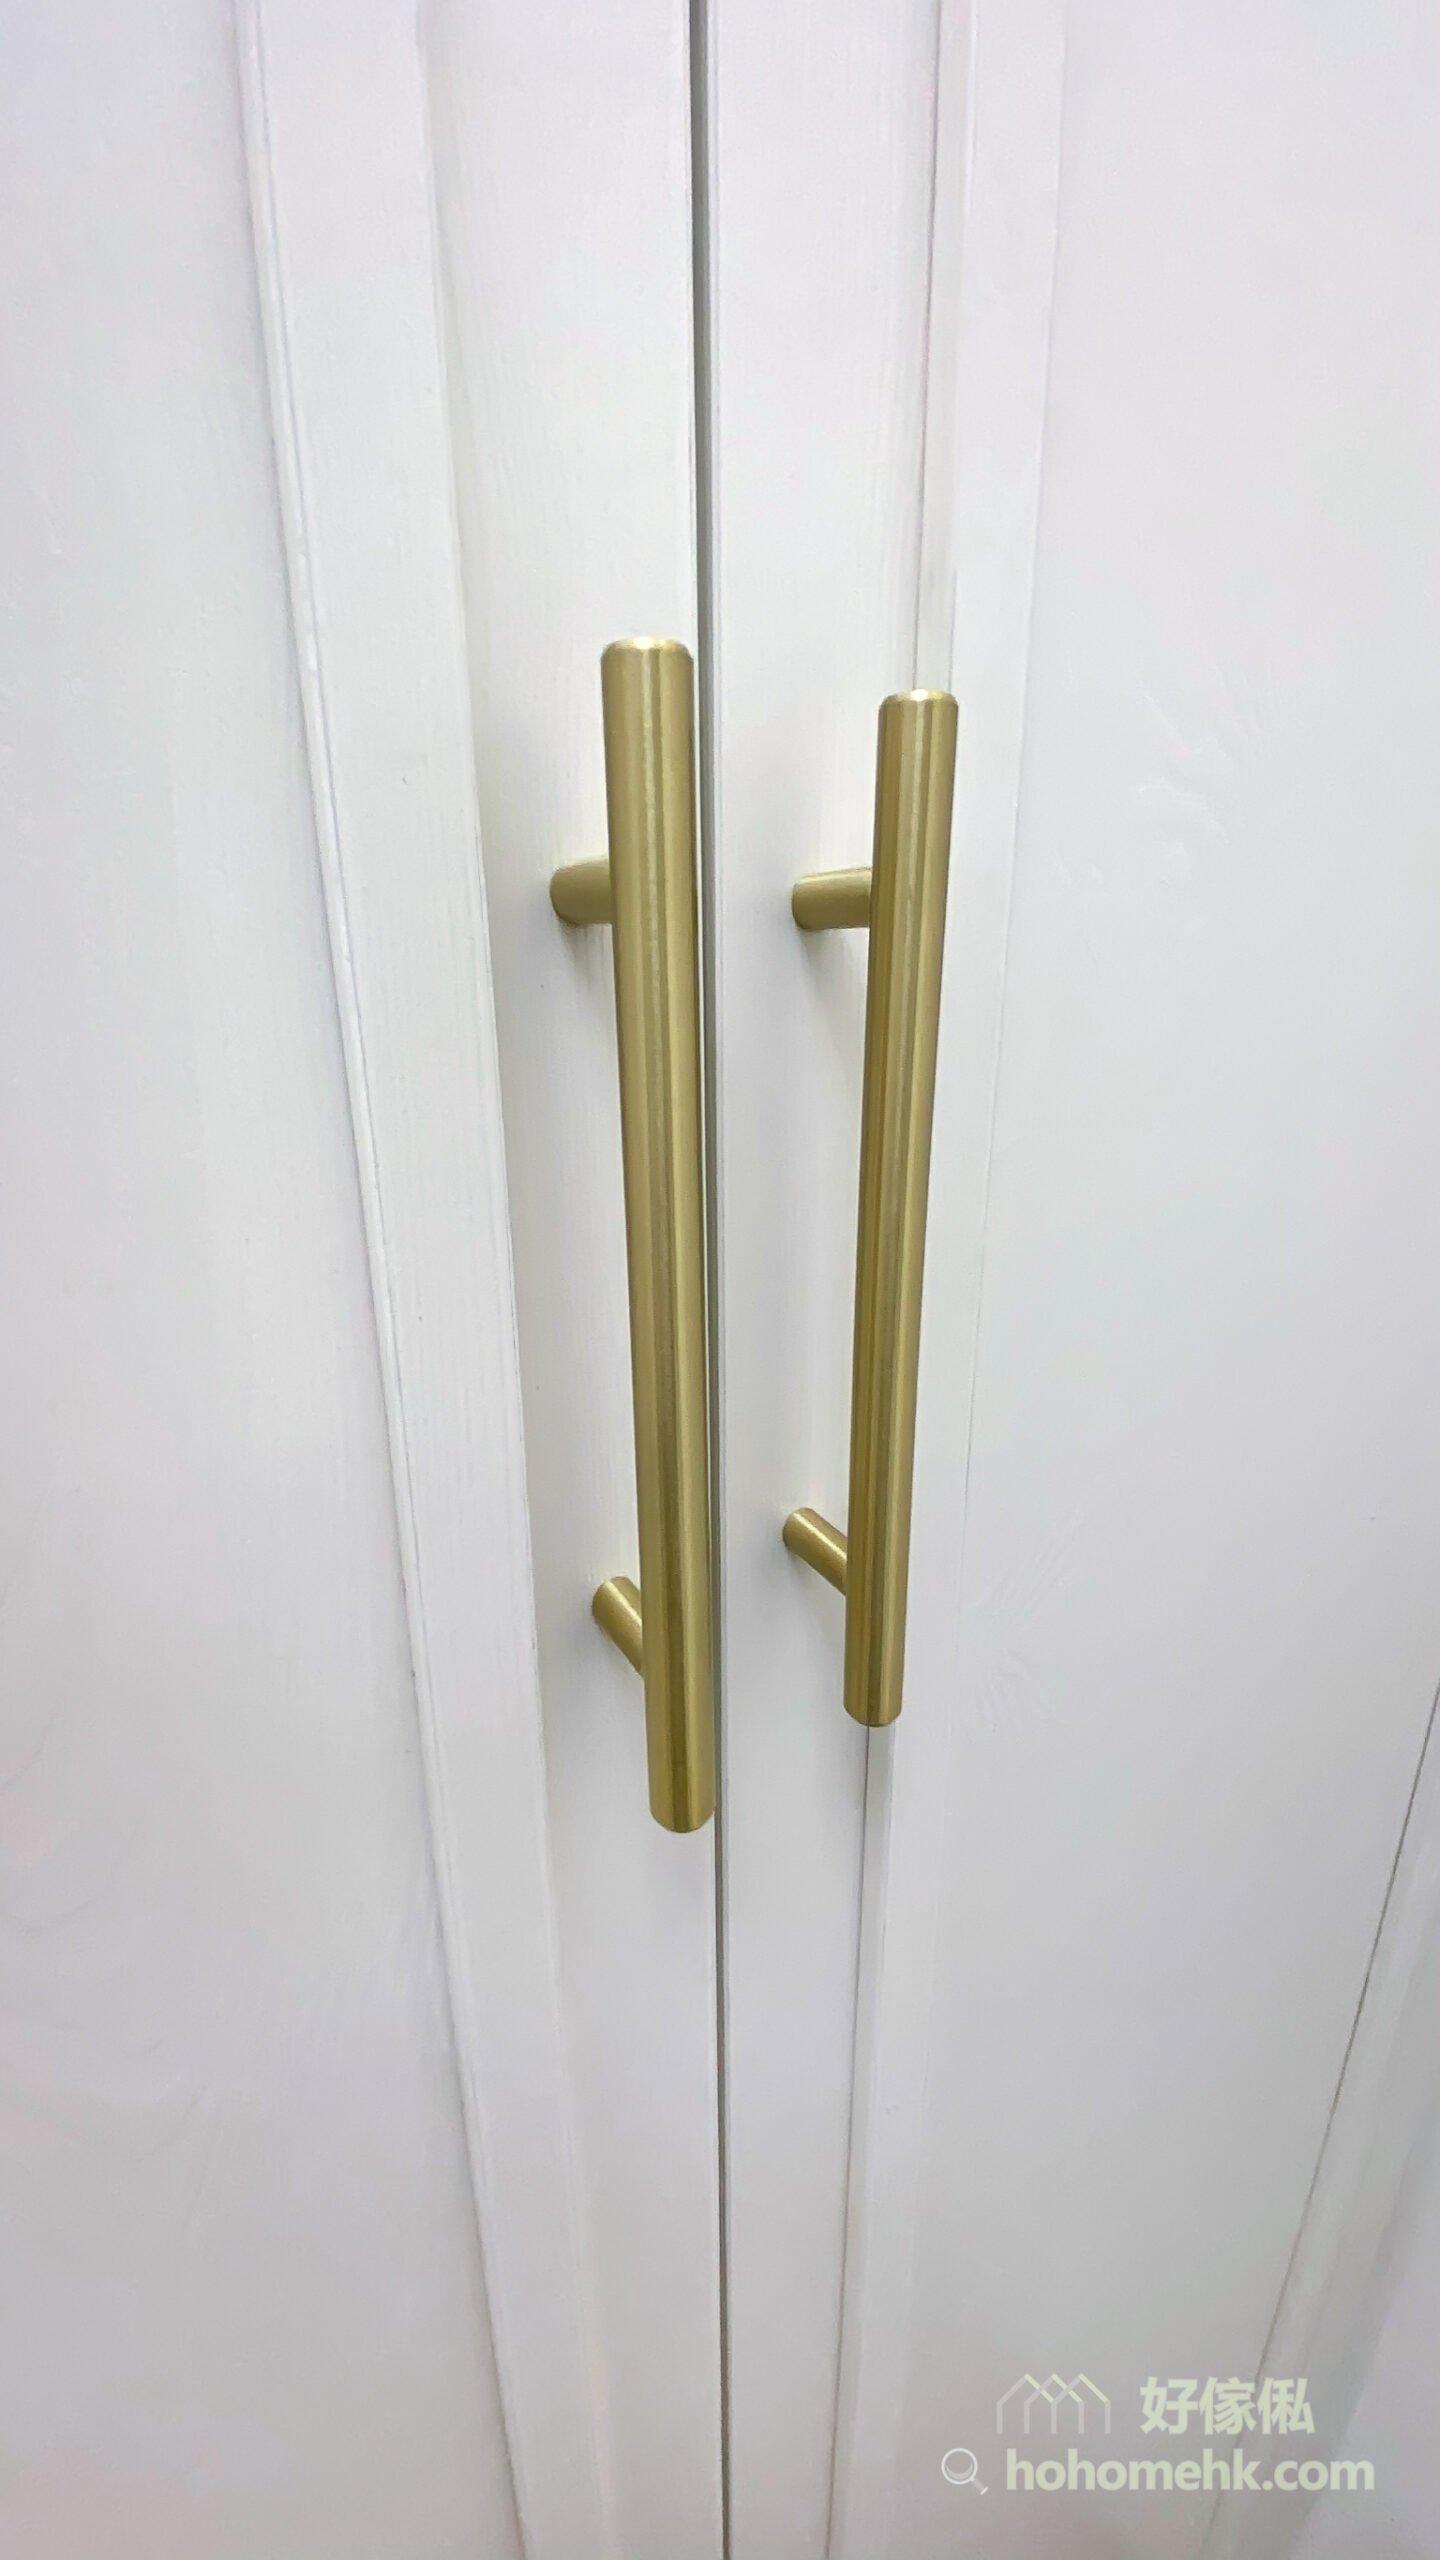 掩門衣櫃的拉手有圓有直條,金屬不同的質感都可以為空間添上獨特性,令衣櫃更美觀更多層次